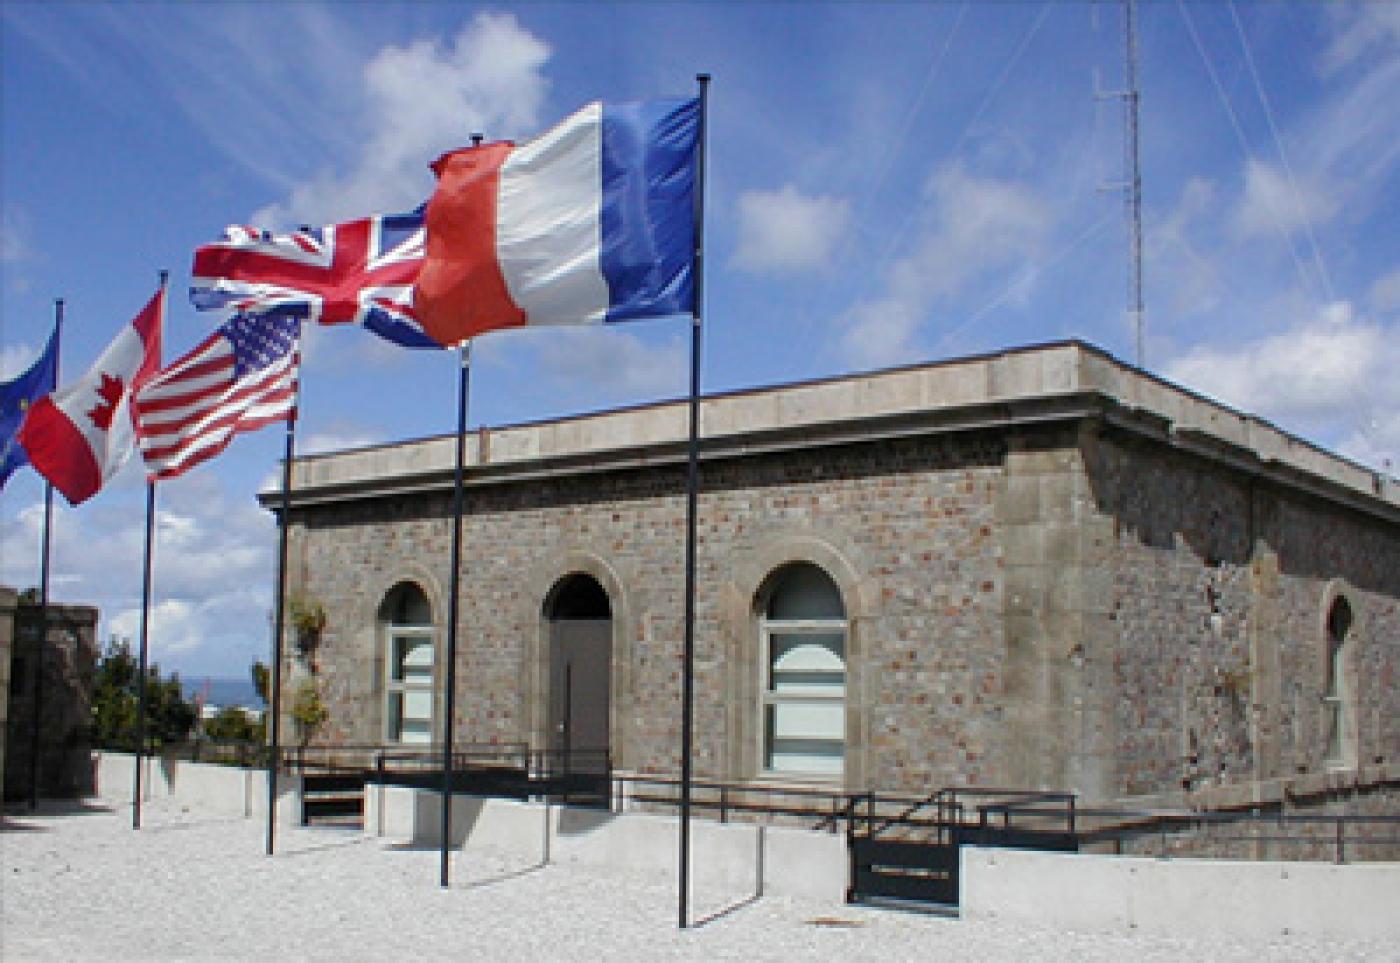 Entrée gratuite au musée de la Libération et Thomas-Henry - Cherbourg (50)